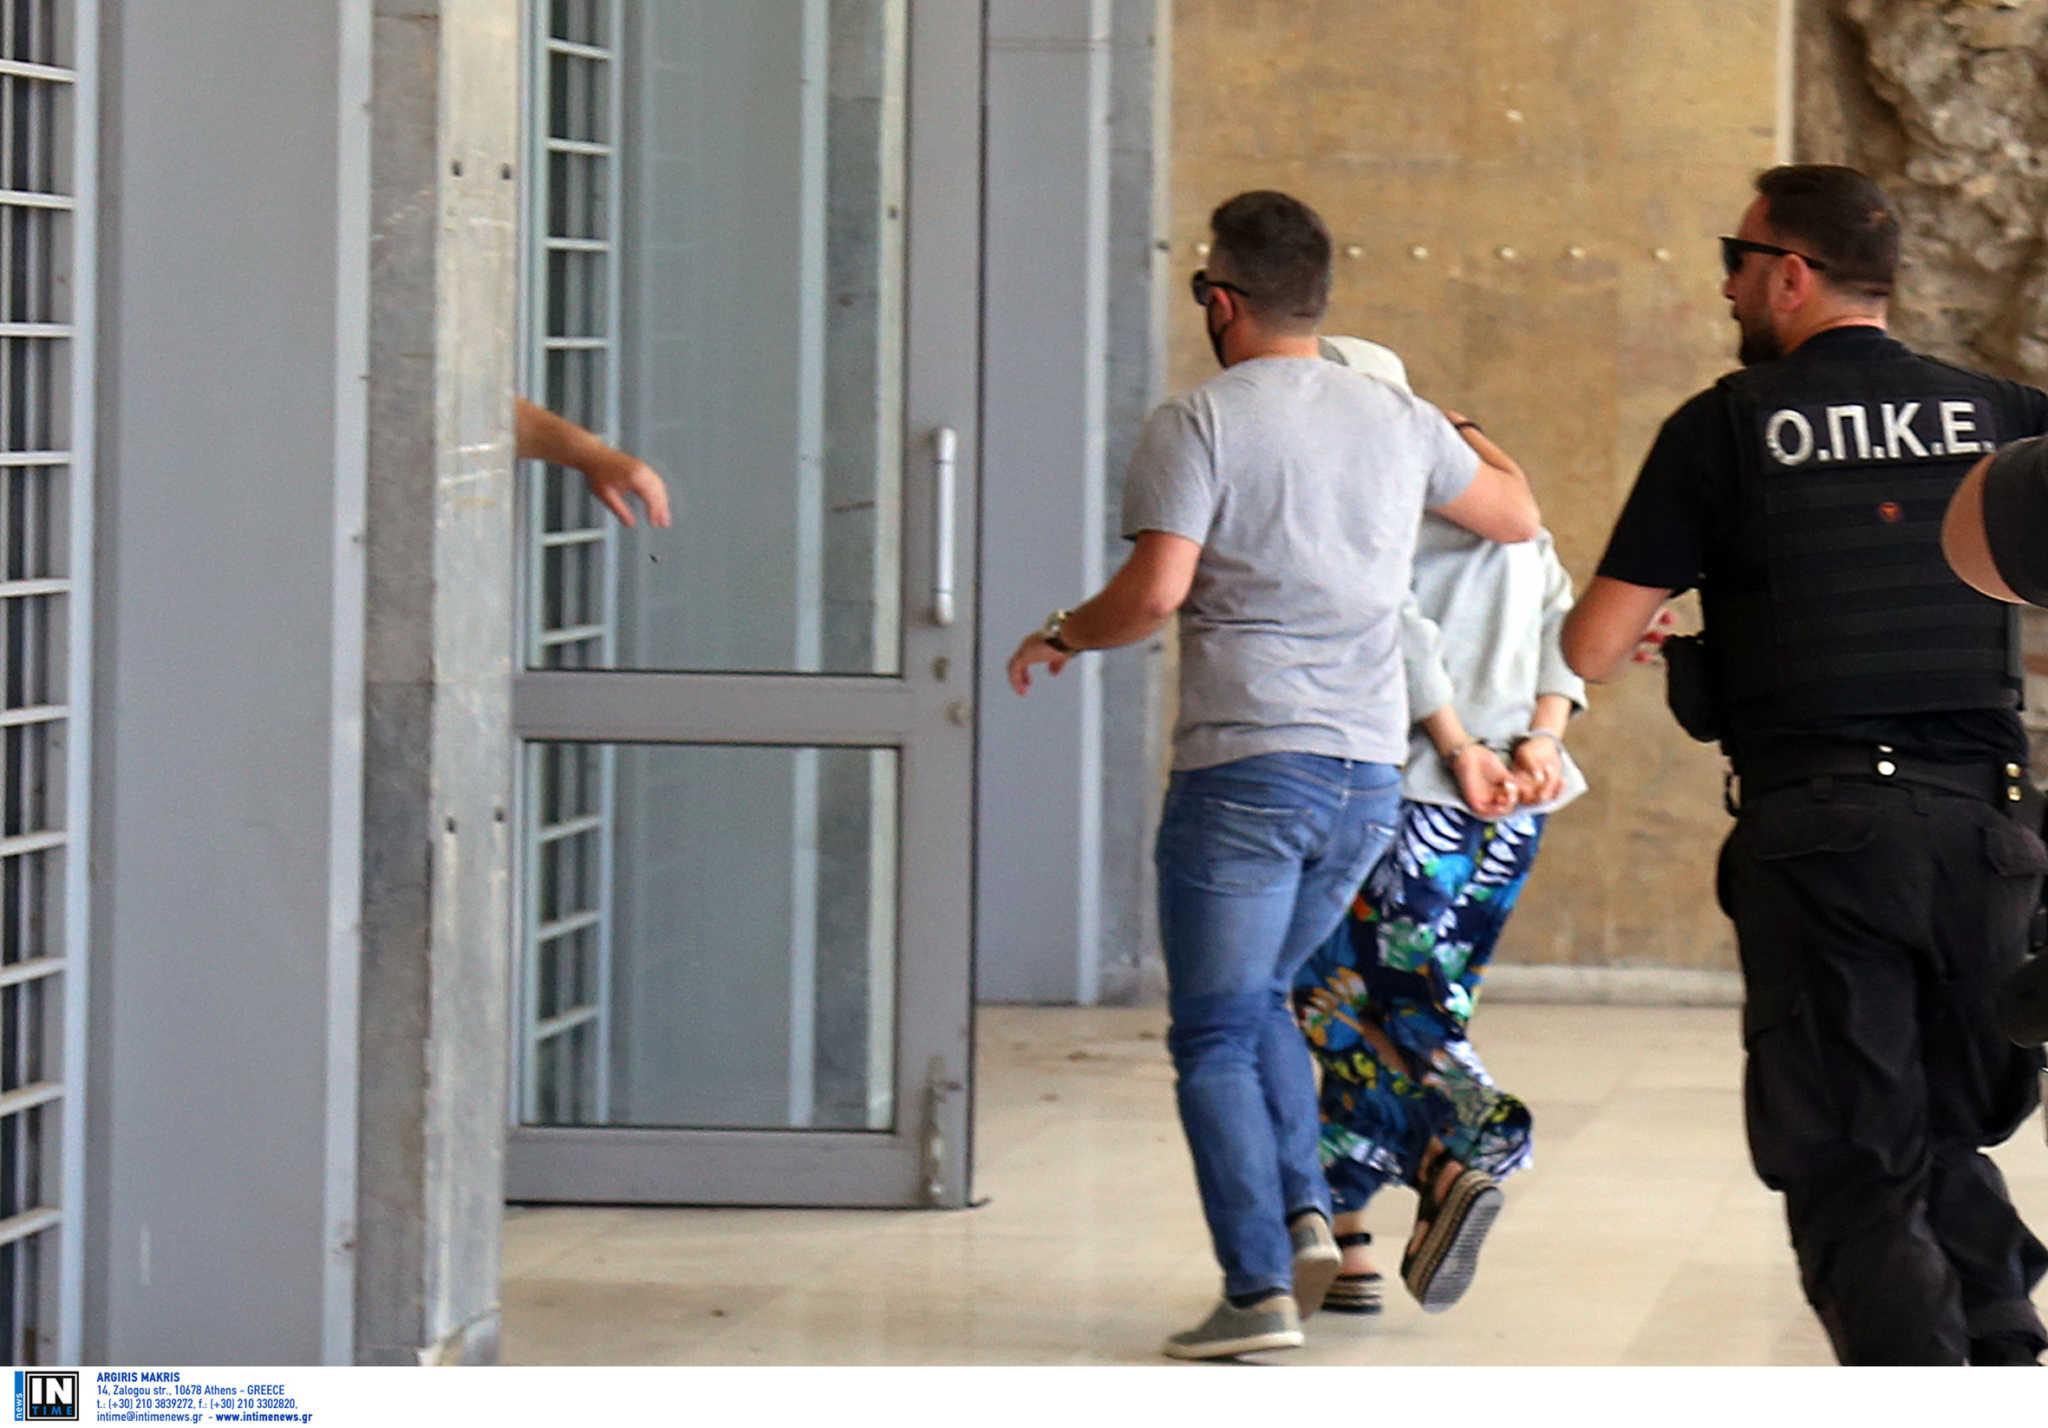 Θεσσαλονίκη: Σε δίκη η 33χρονη για την απαγωγή της 10χρονης